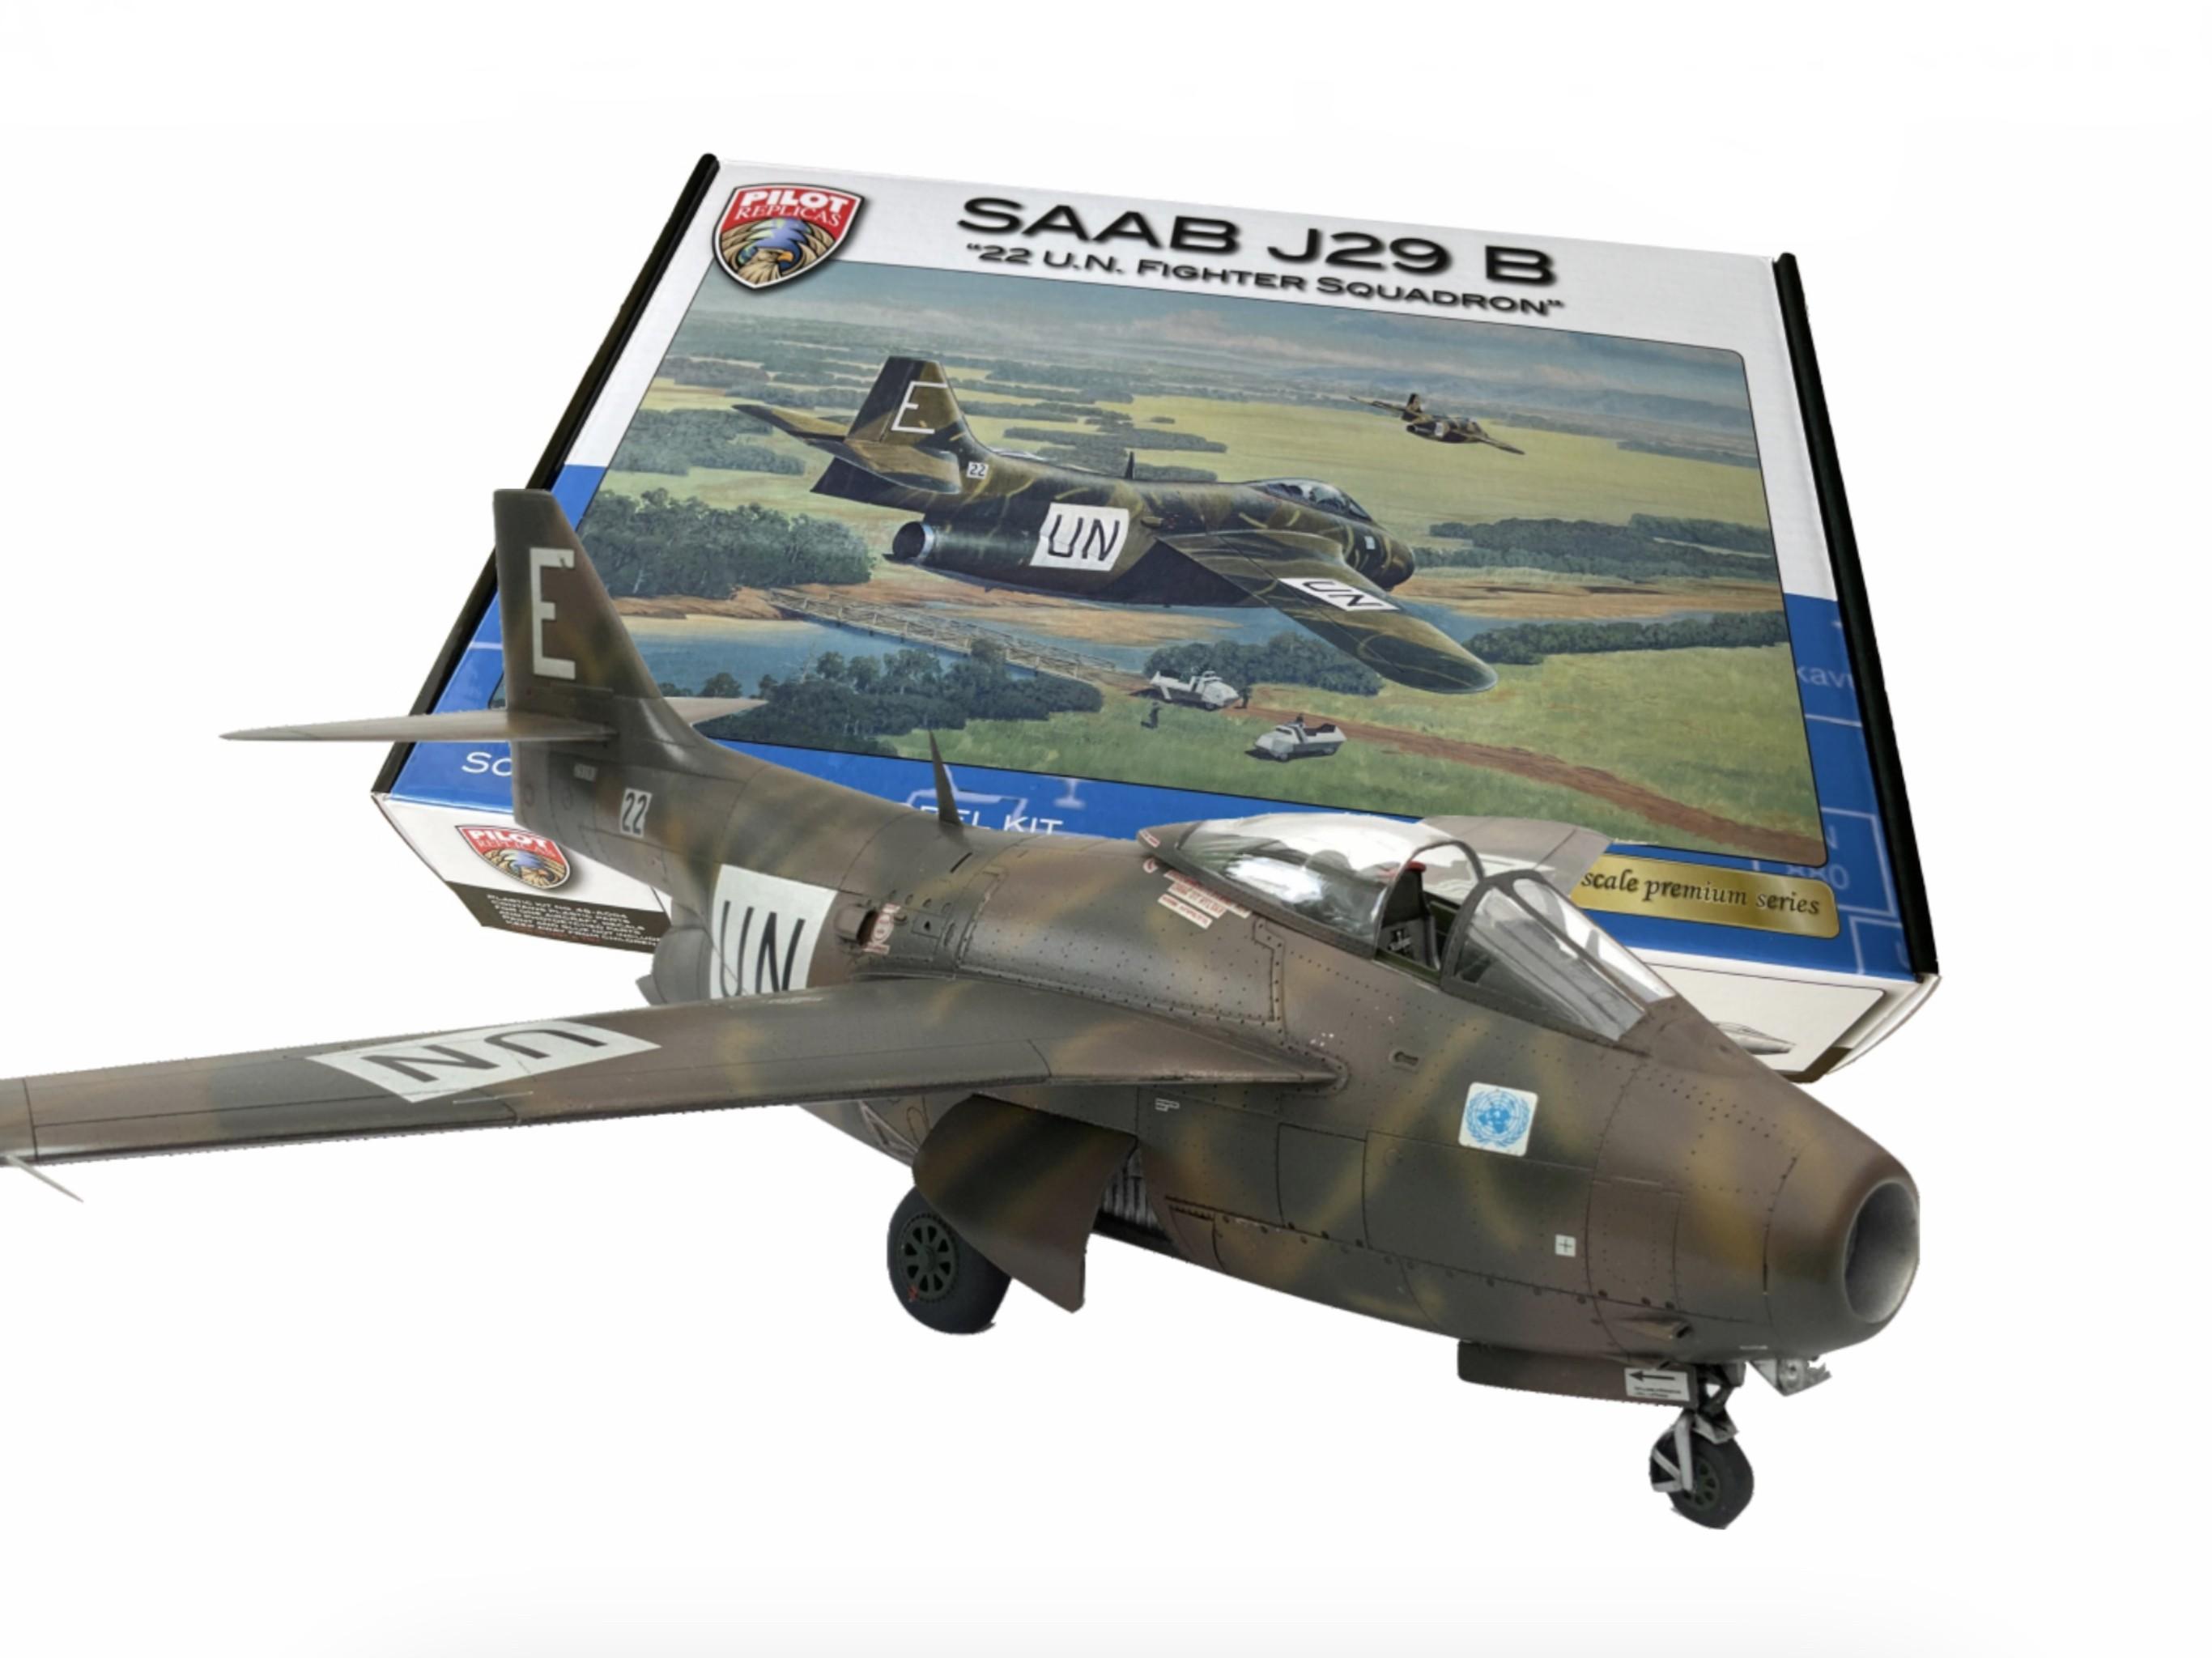 SAAB J29B Tunnan, 22 UN Fighter Sq. CONGO se info